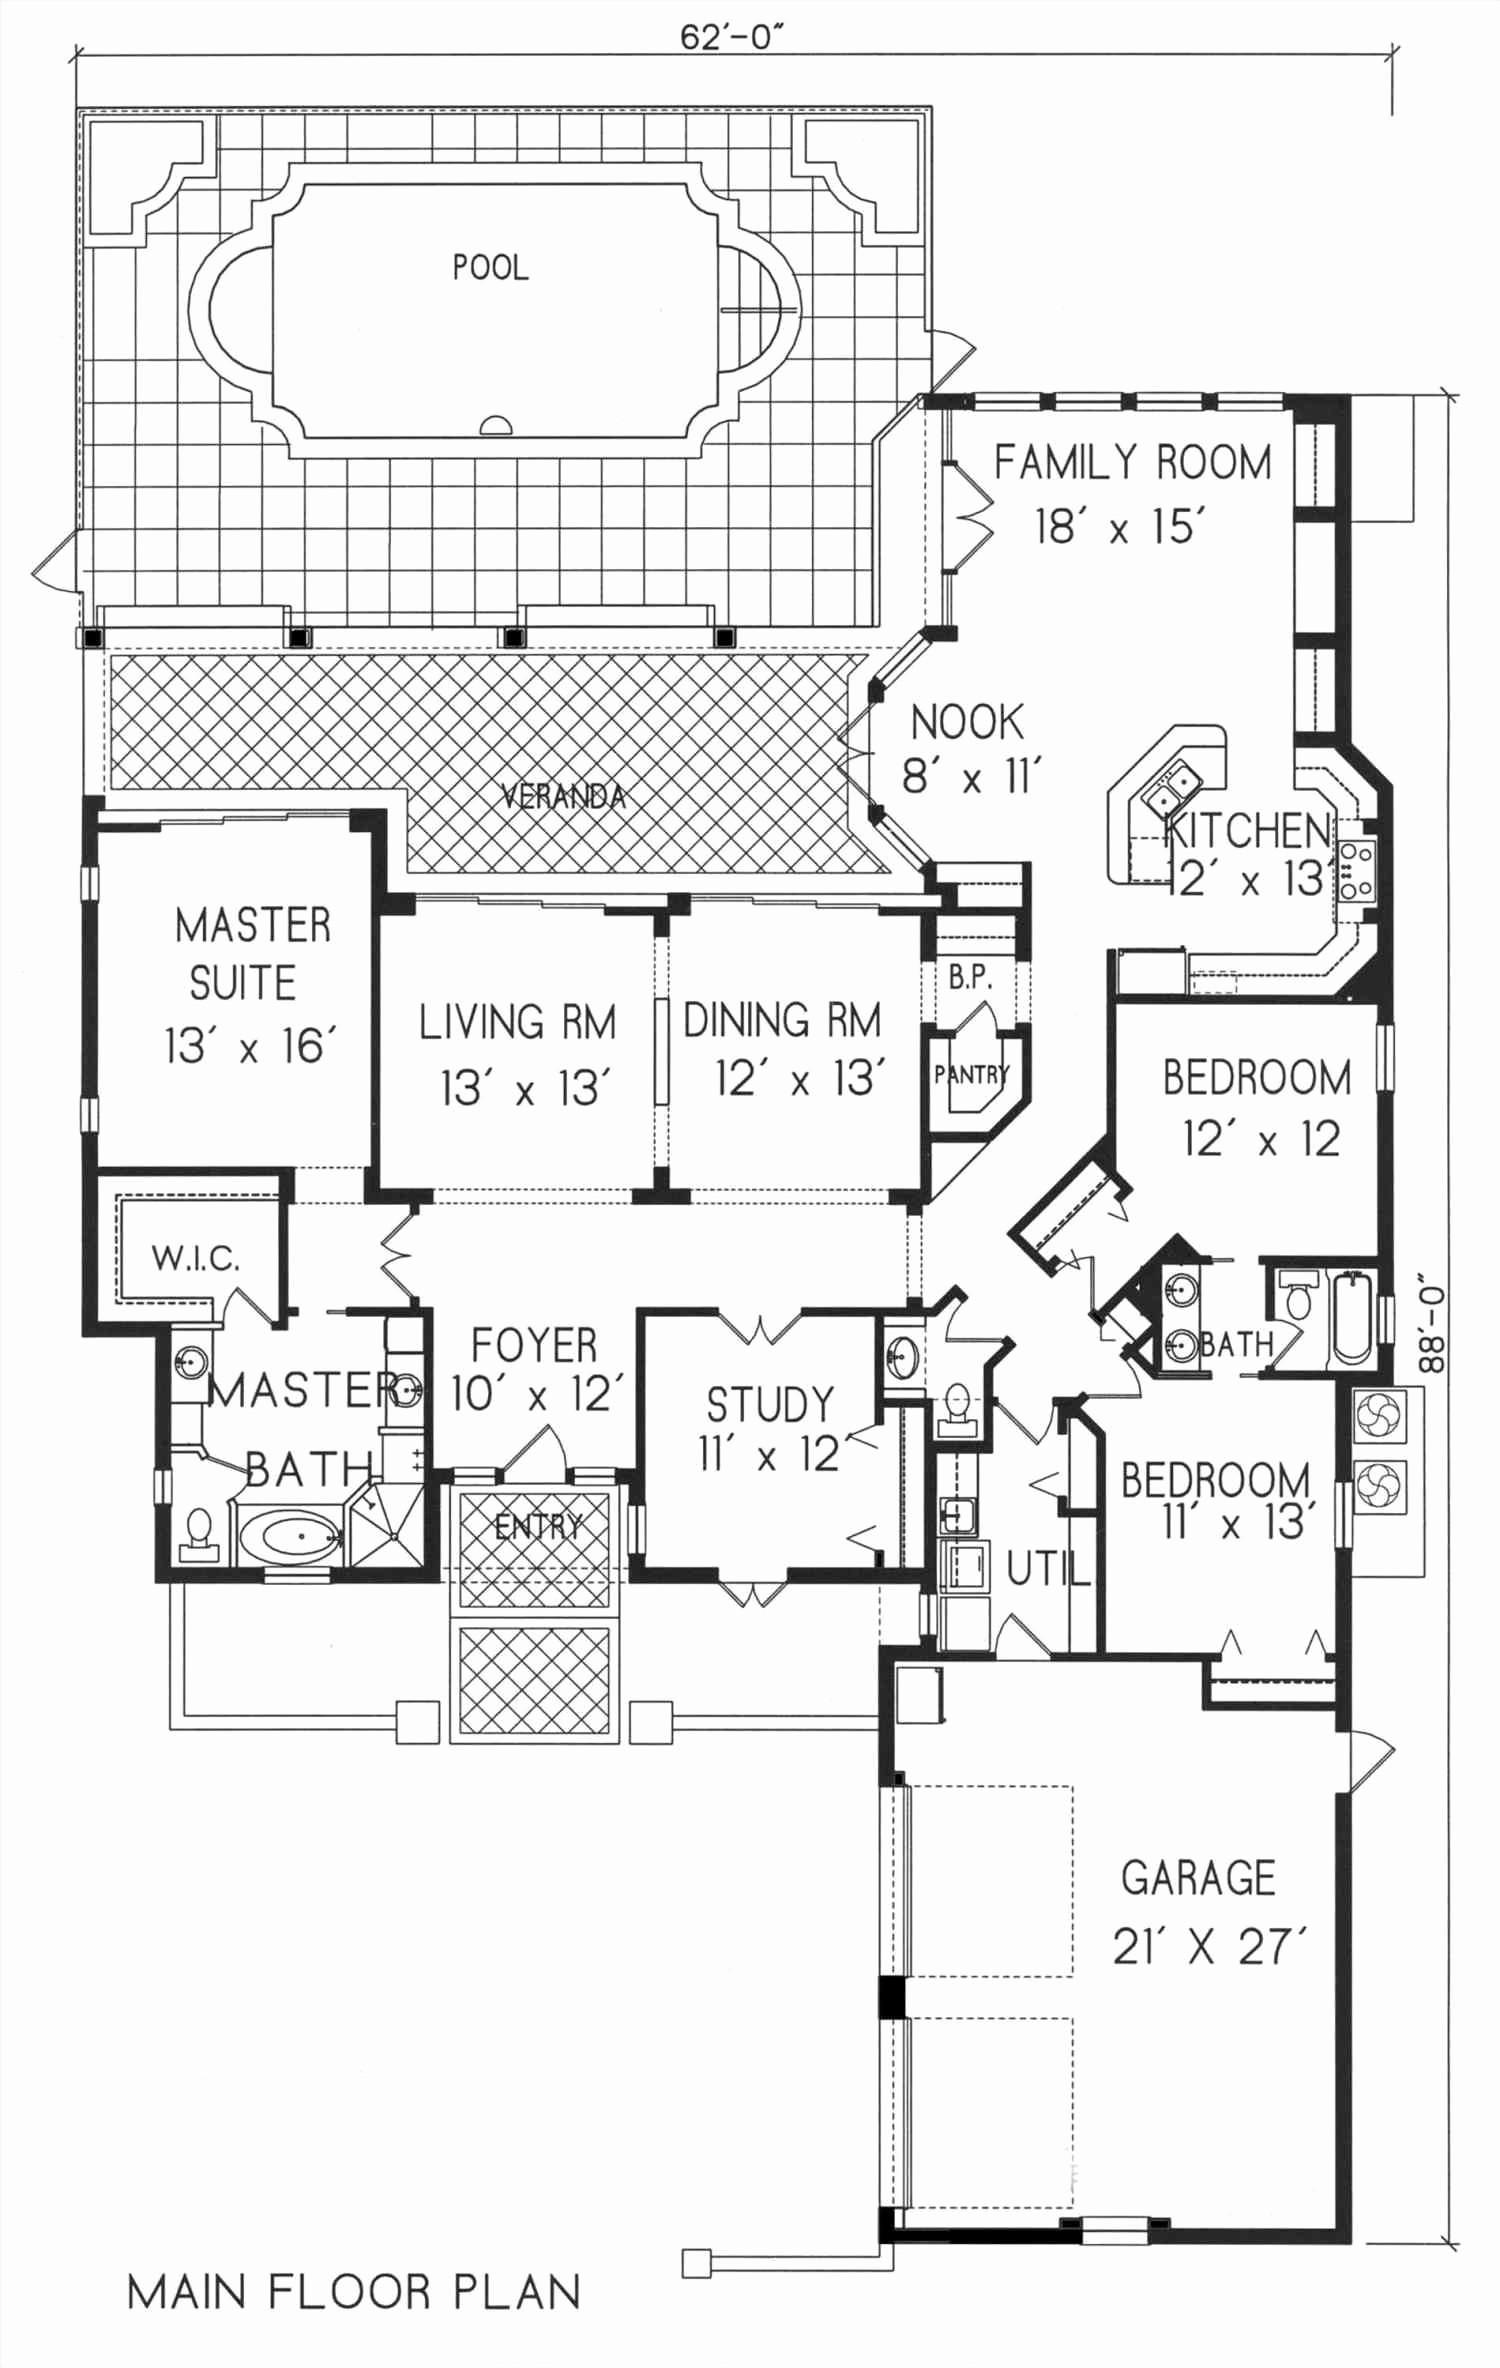 Stunning Master Bathroom Floor Plans Wallpaper